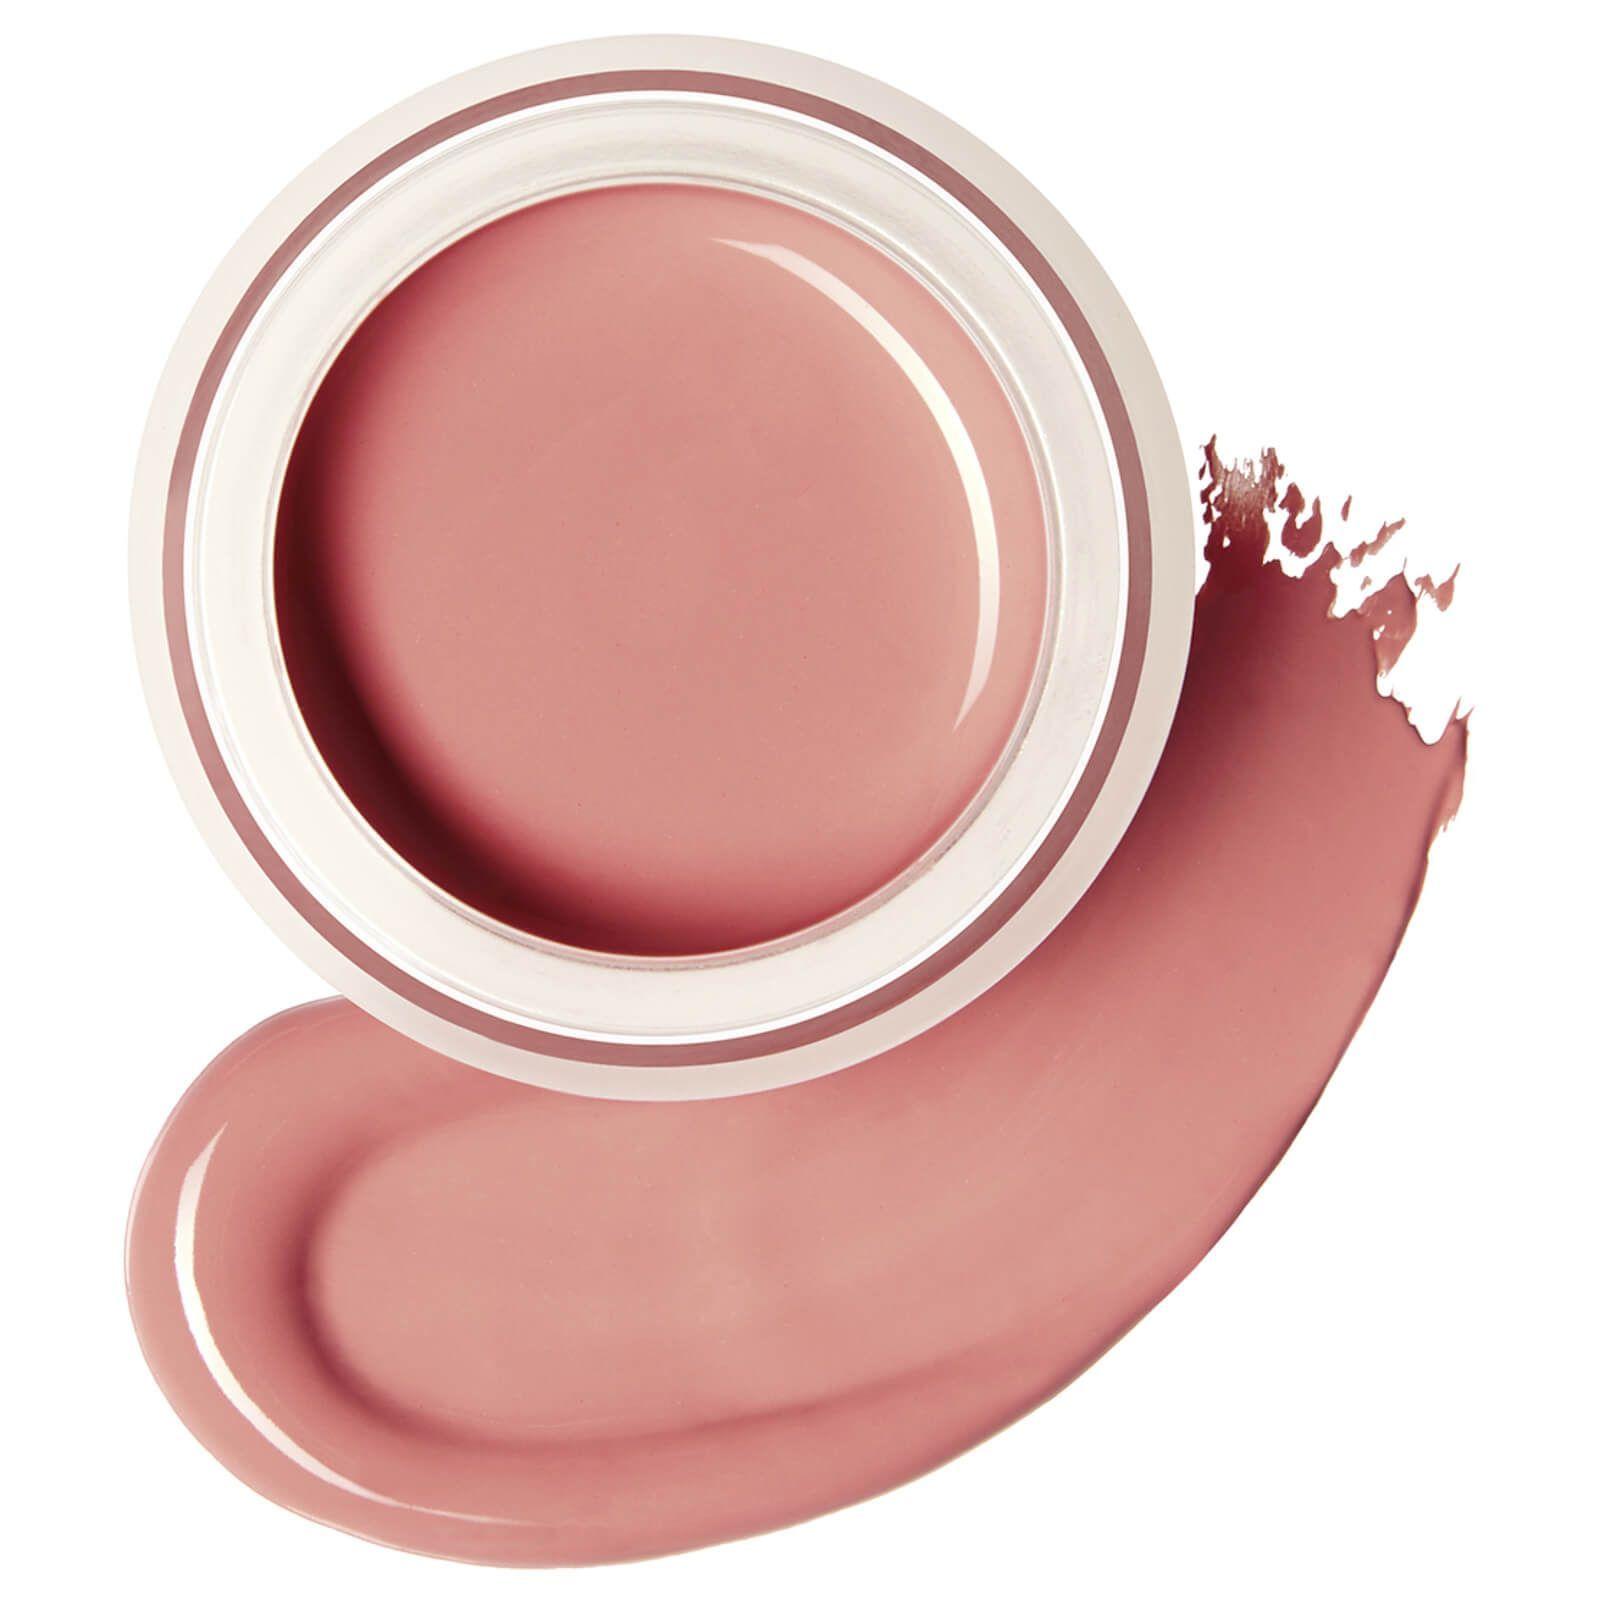 Illamasqua Colour Veil Blusher Tonic Diyblusher Color Veil Blusher Oil Free Moisturizers